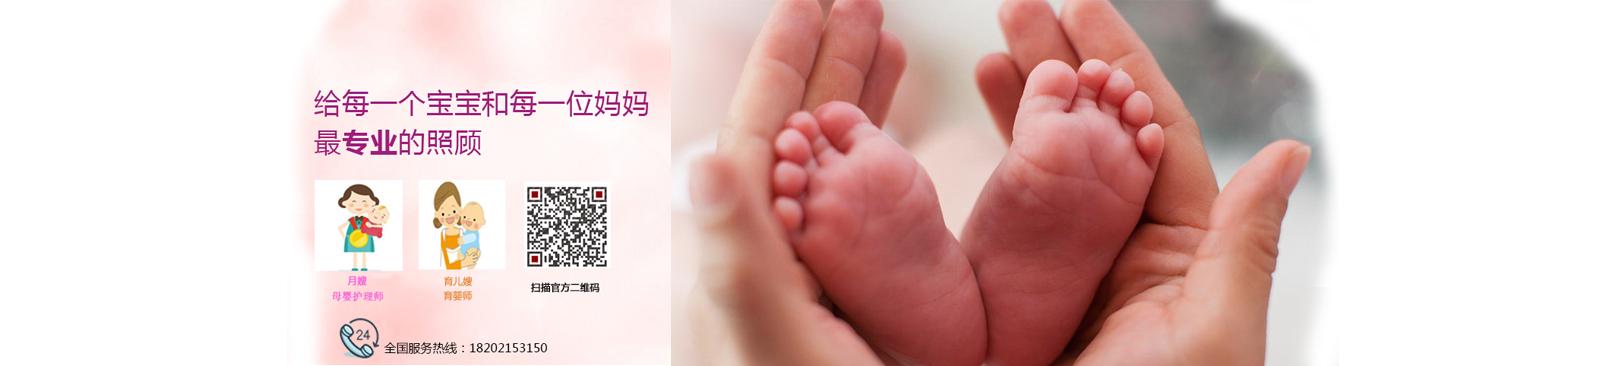 上海爱之缘育婴师培训